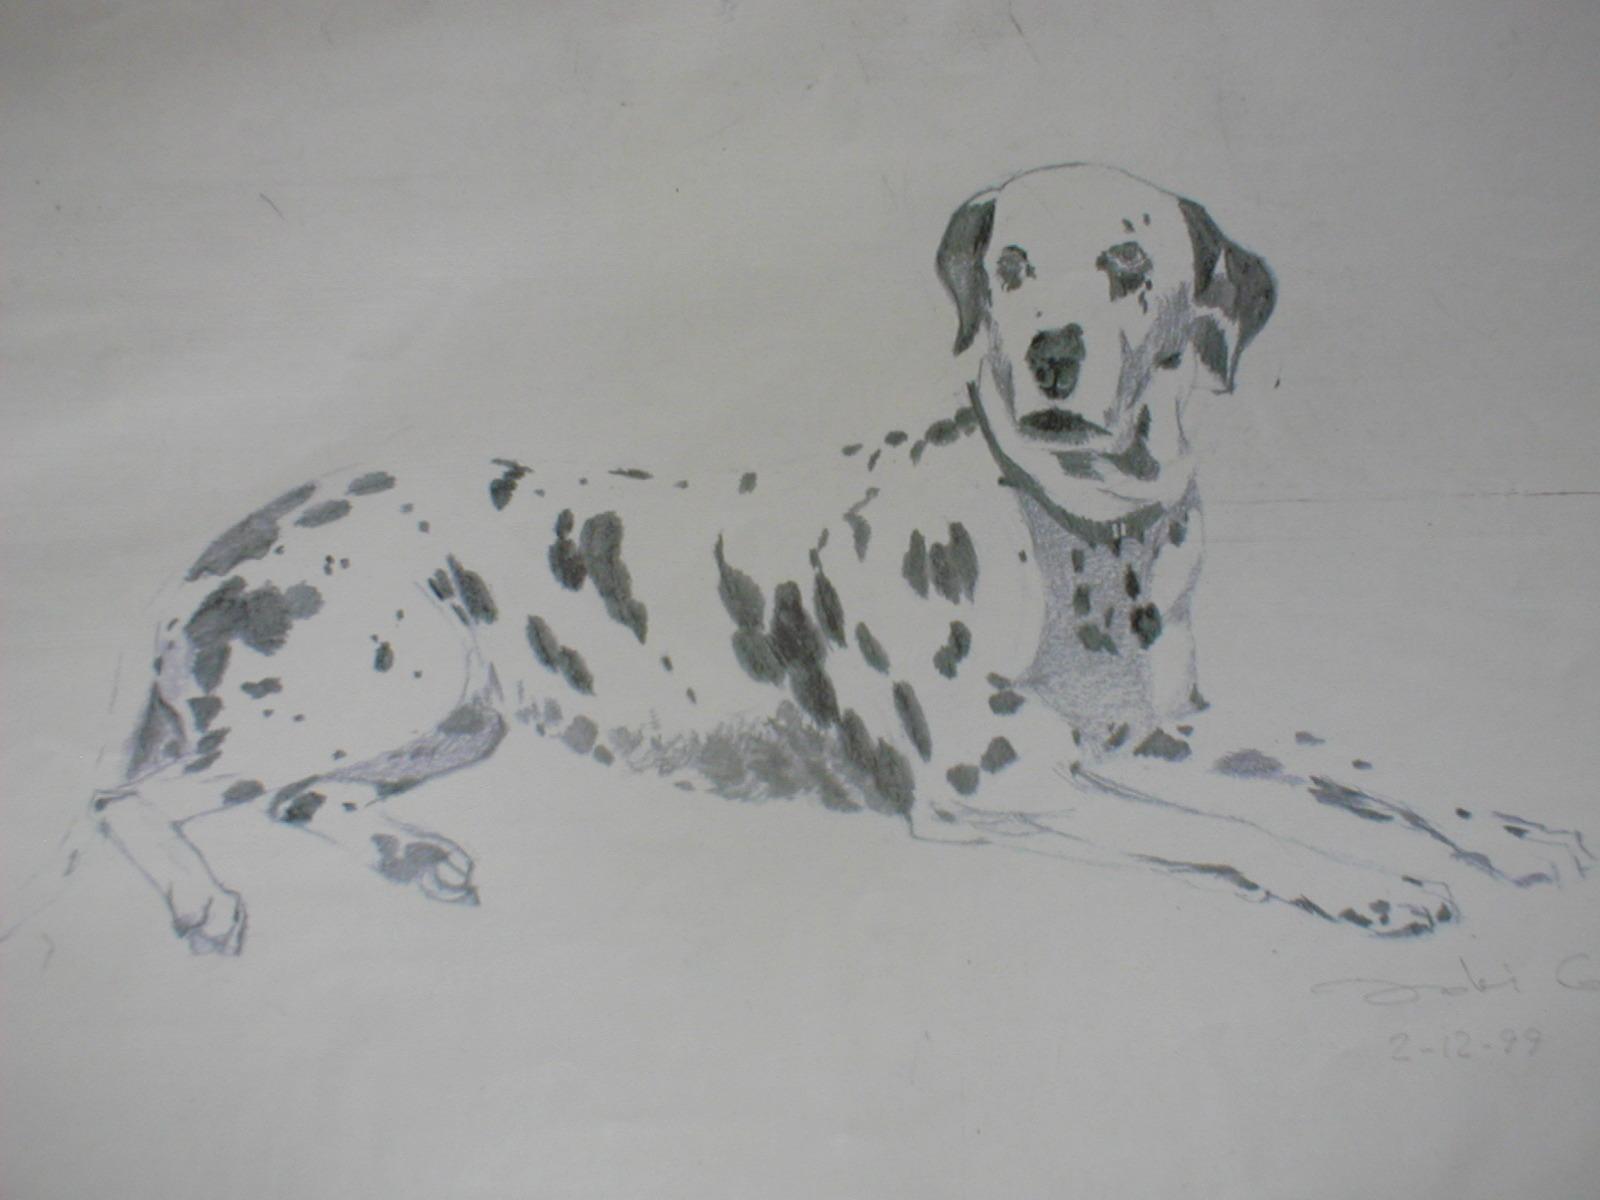 dibujos de animales a lapiz imagui MEMES Pictures